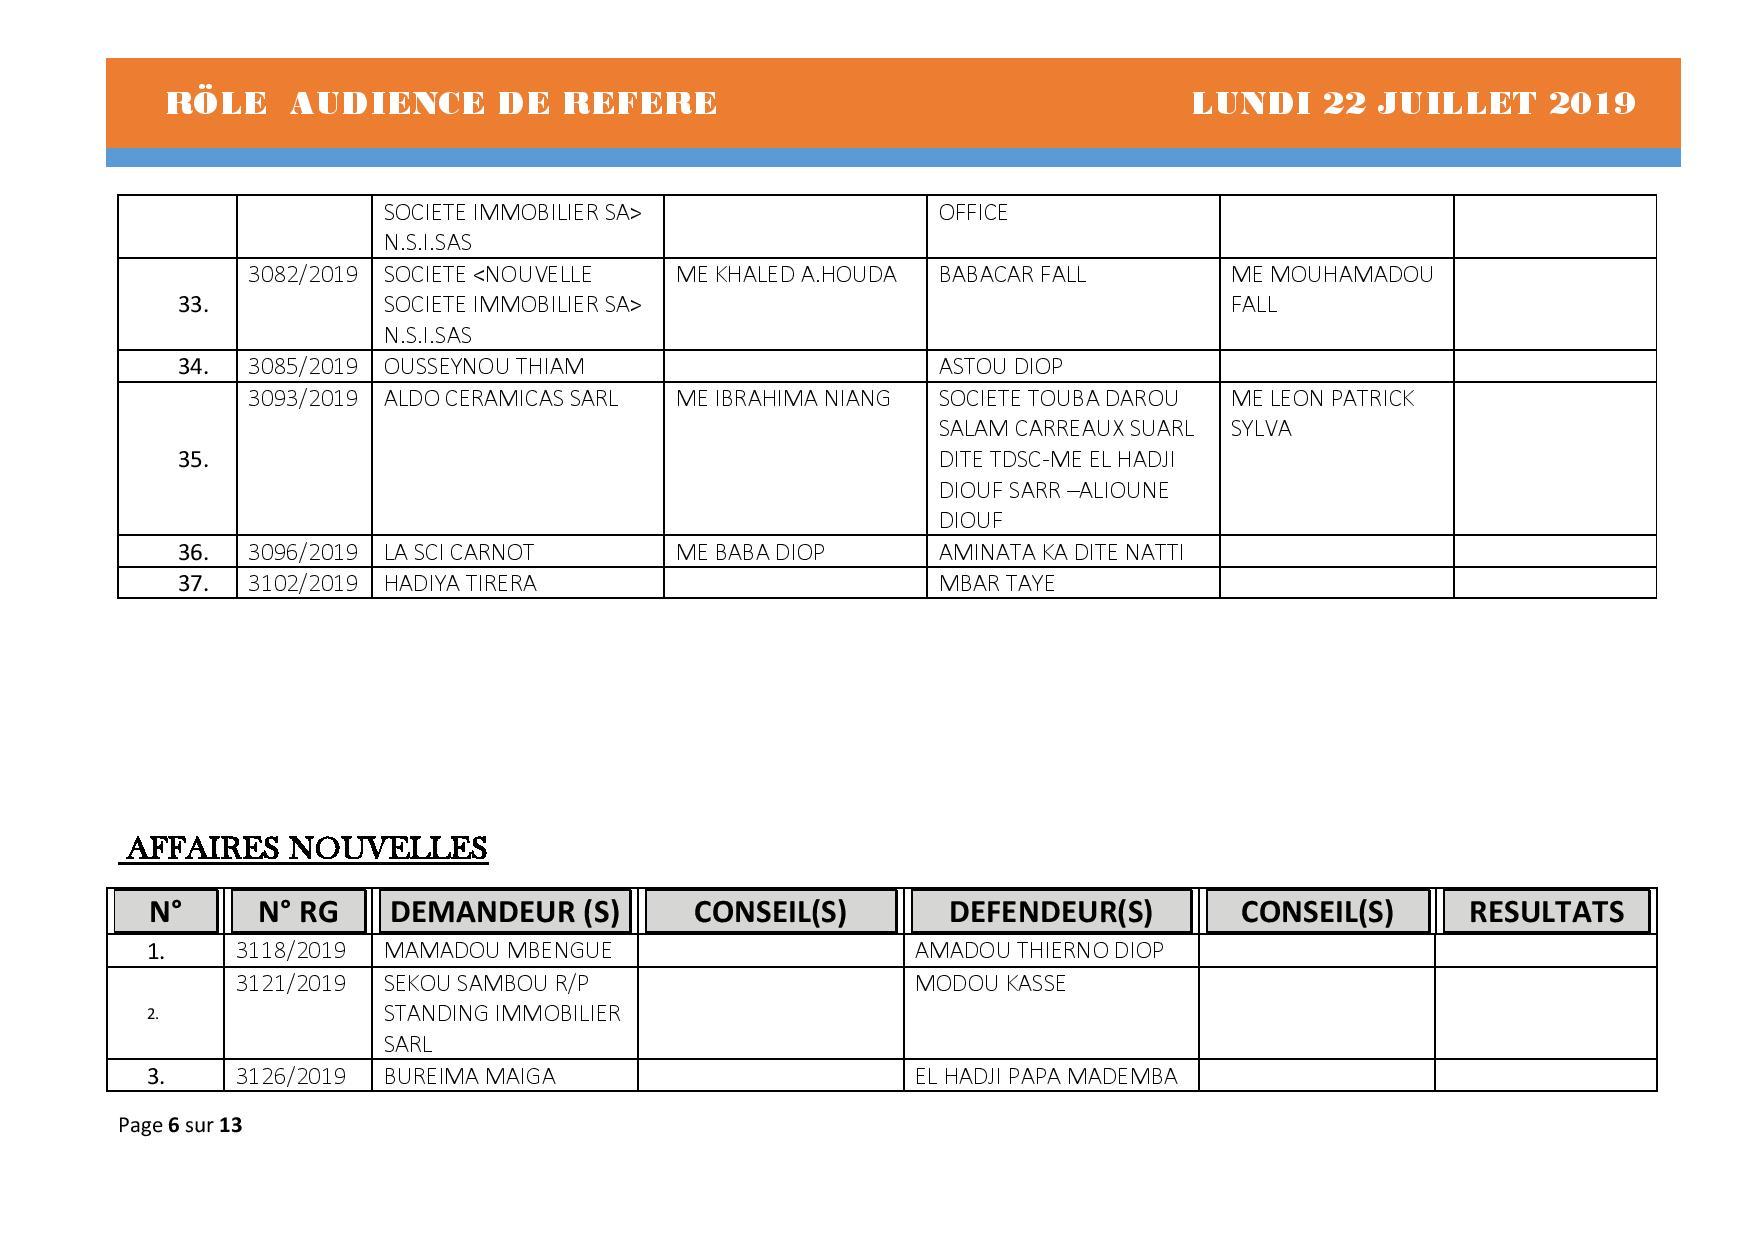 Tribunal du Commerce: Audiences des Référés de ce lundi 22 juillet 2019